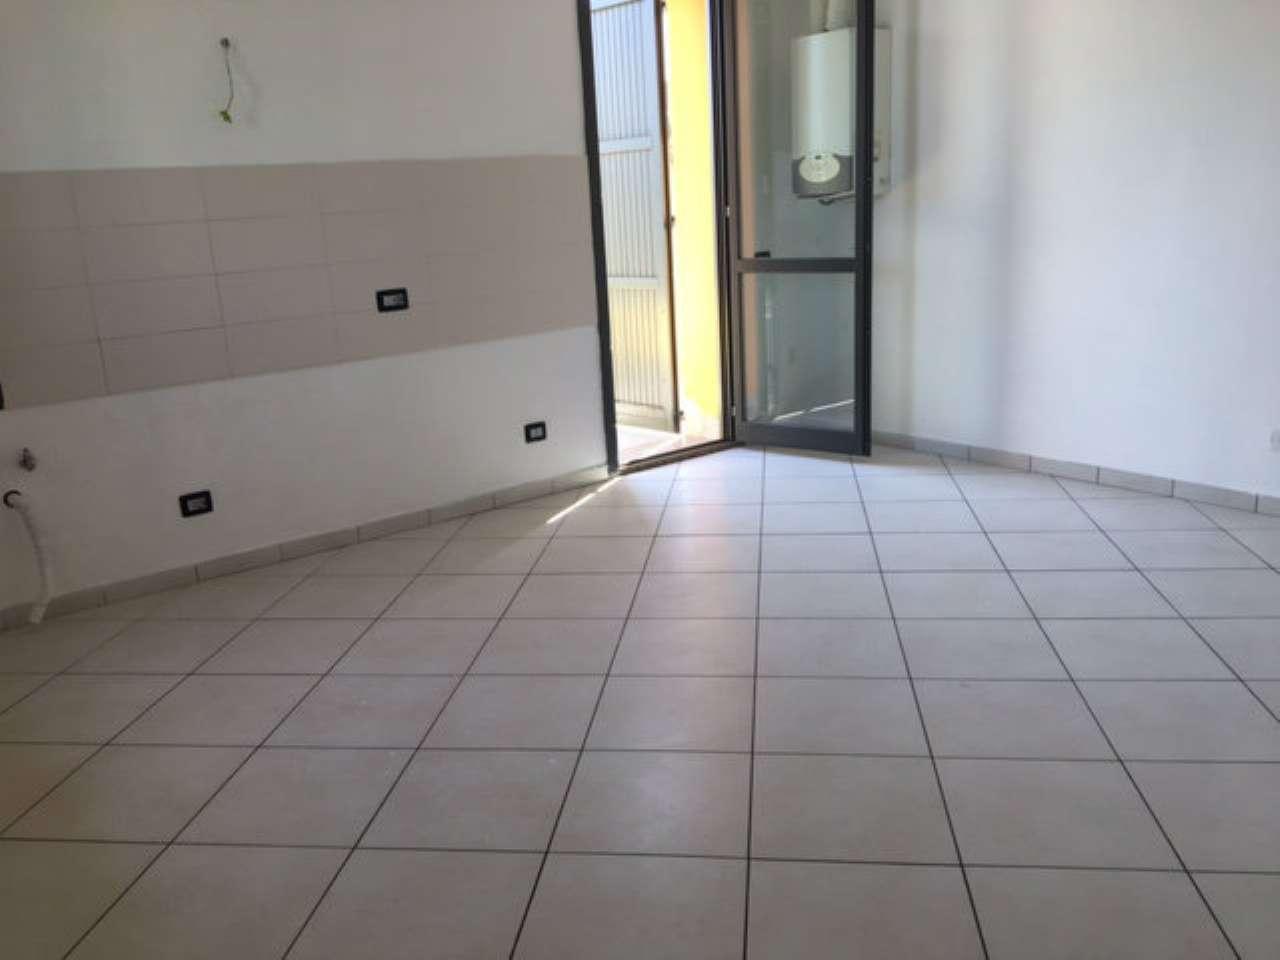 Appartamento in affitto a Brescello, 3 locali, prezzo € 430 | CambioCasa.it